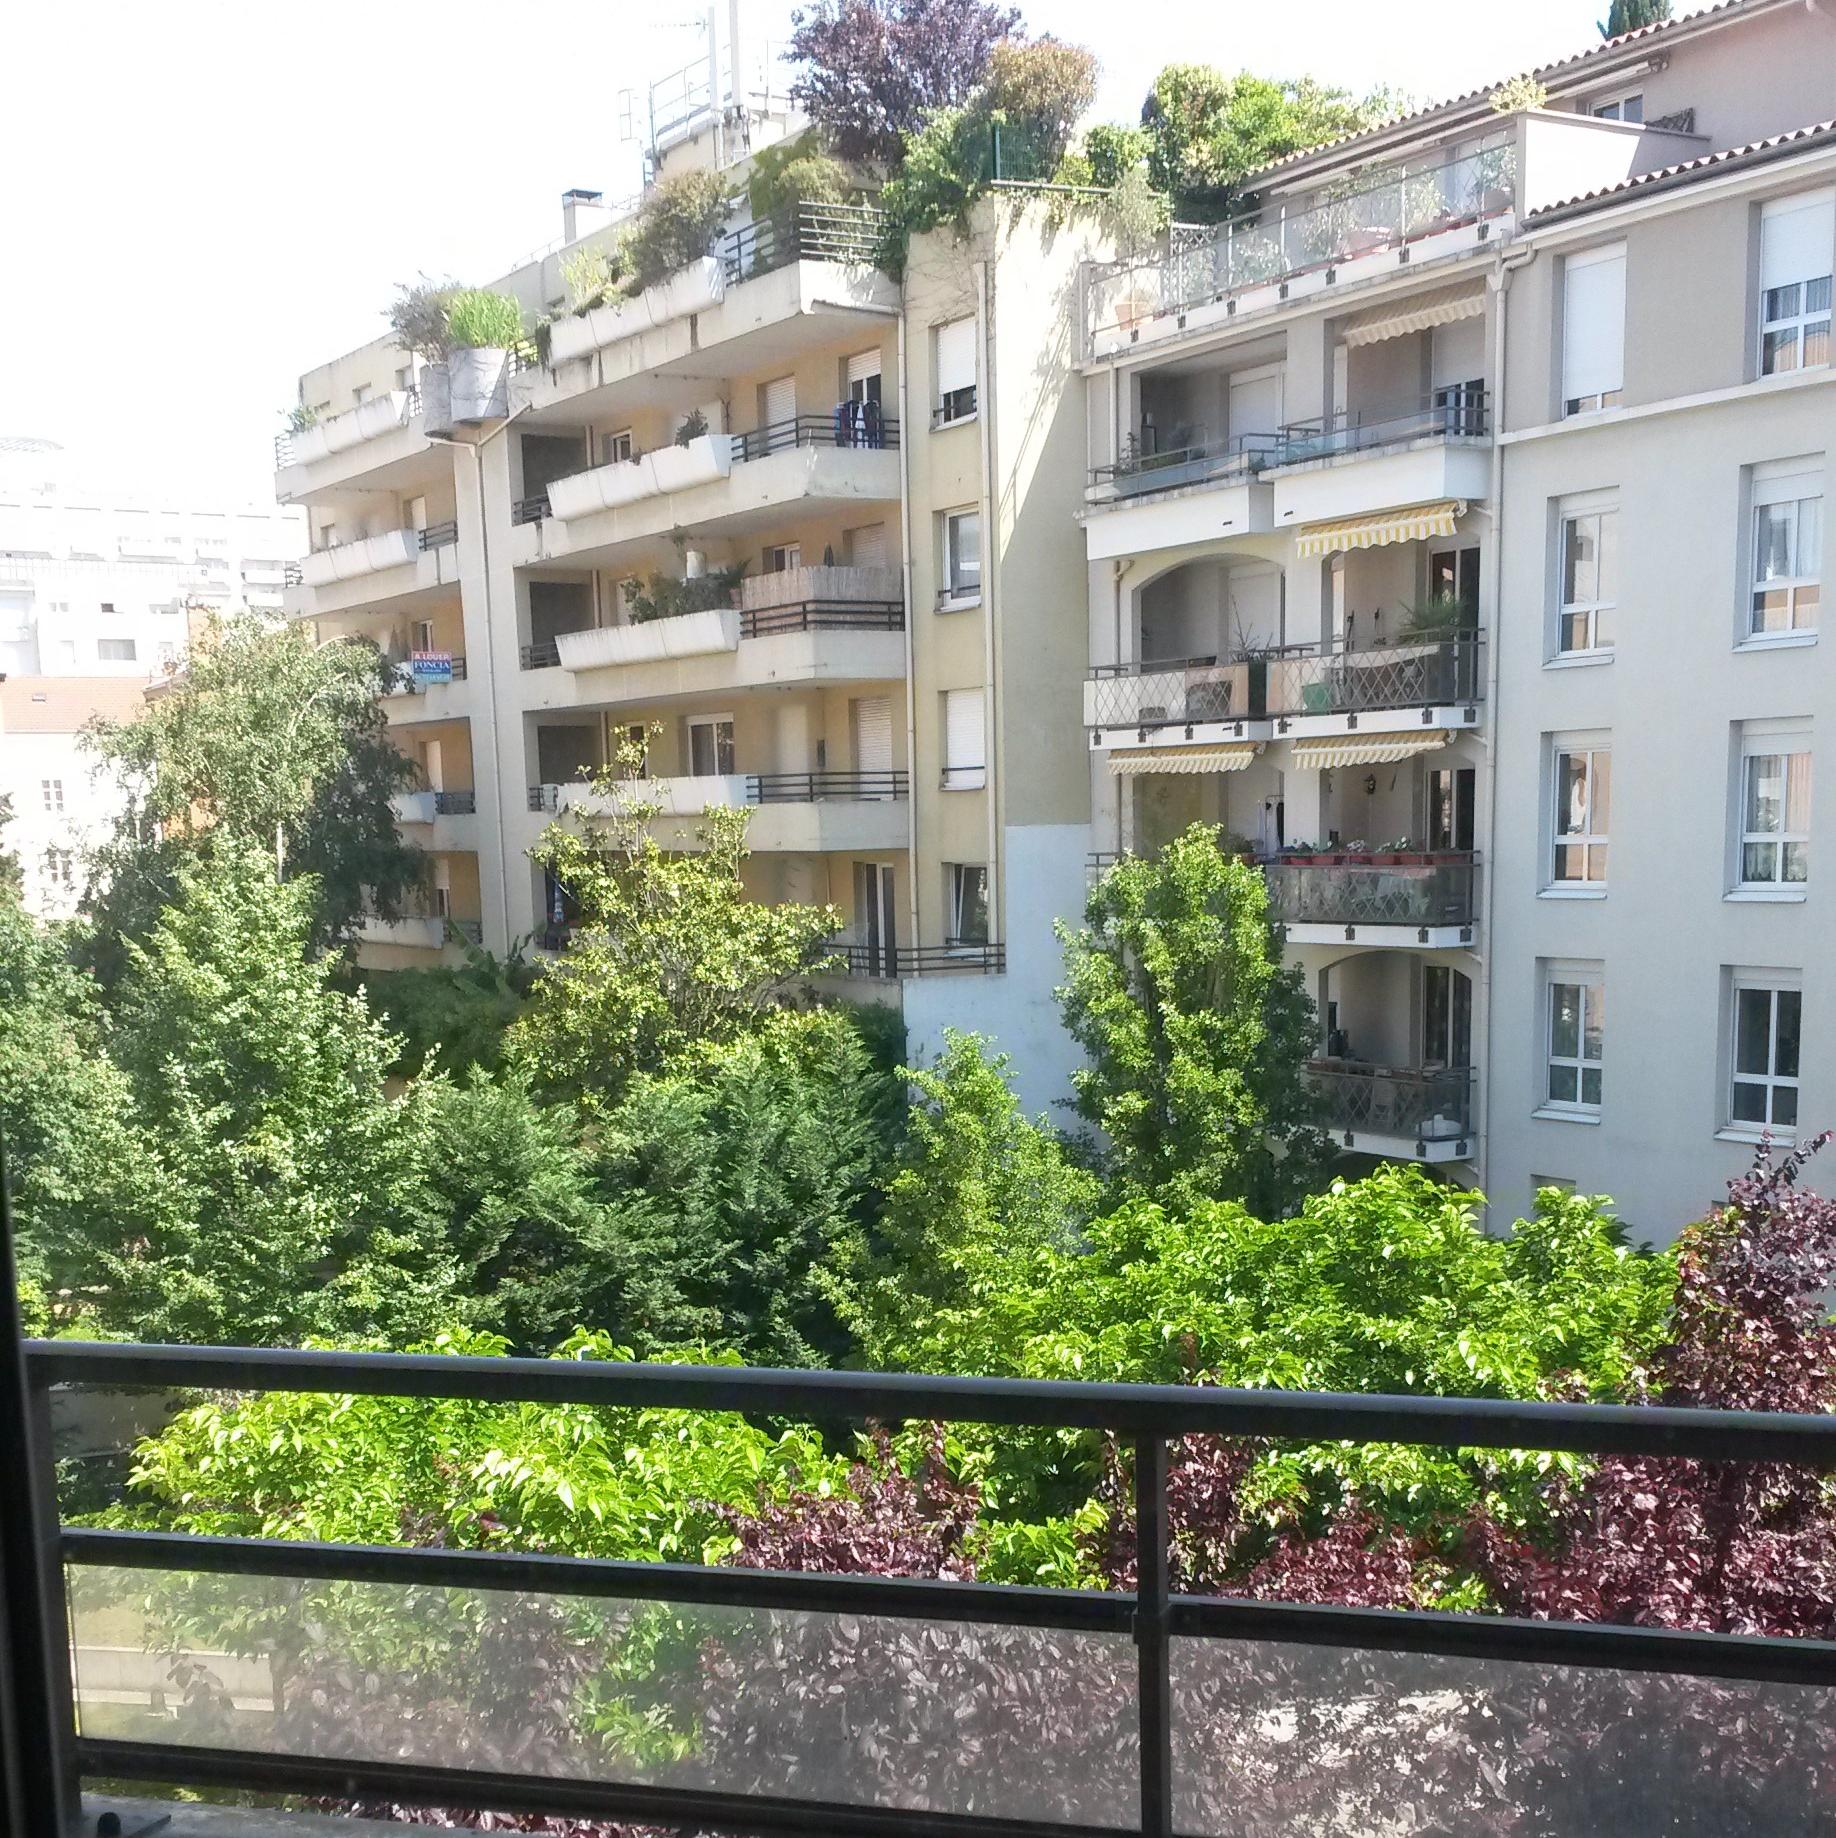 Colocation lyon 69000 chambre a louer lyon 69000 loue chambre meubl e lyon 69000 location - Chambre meublee lyon ...